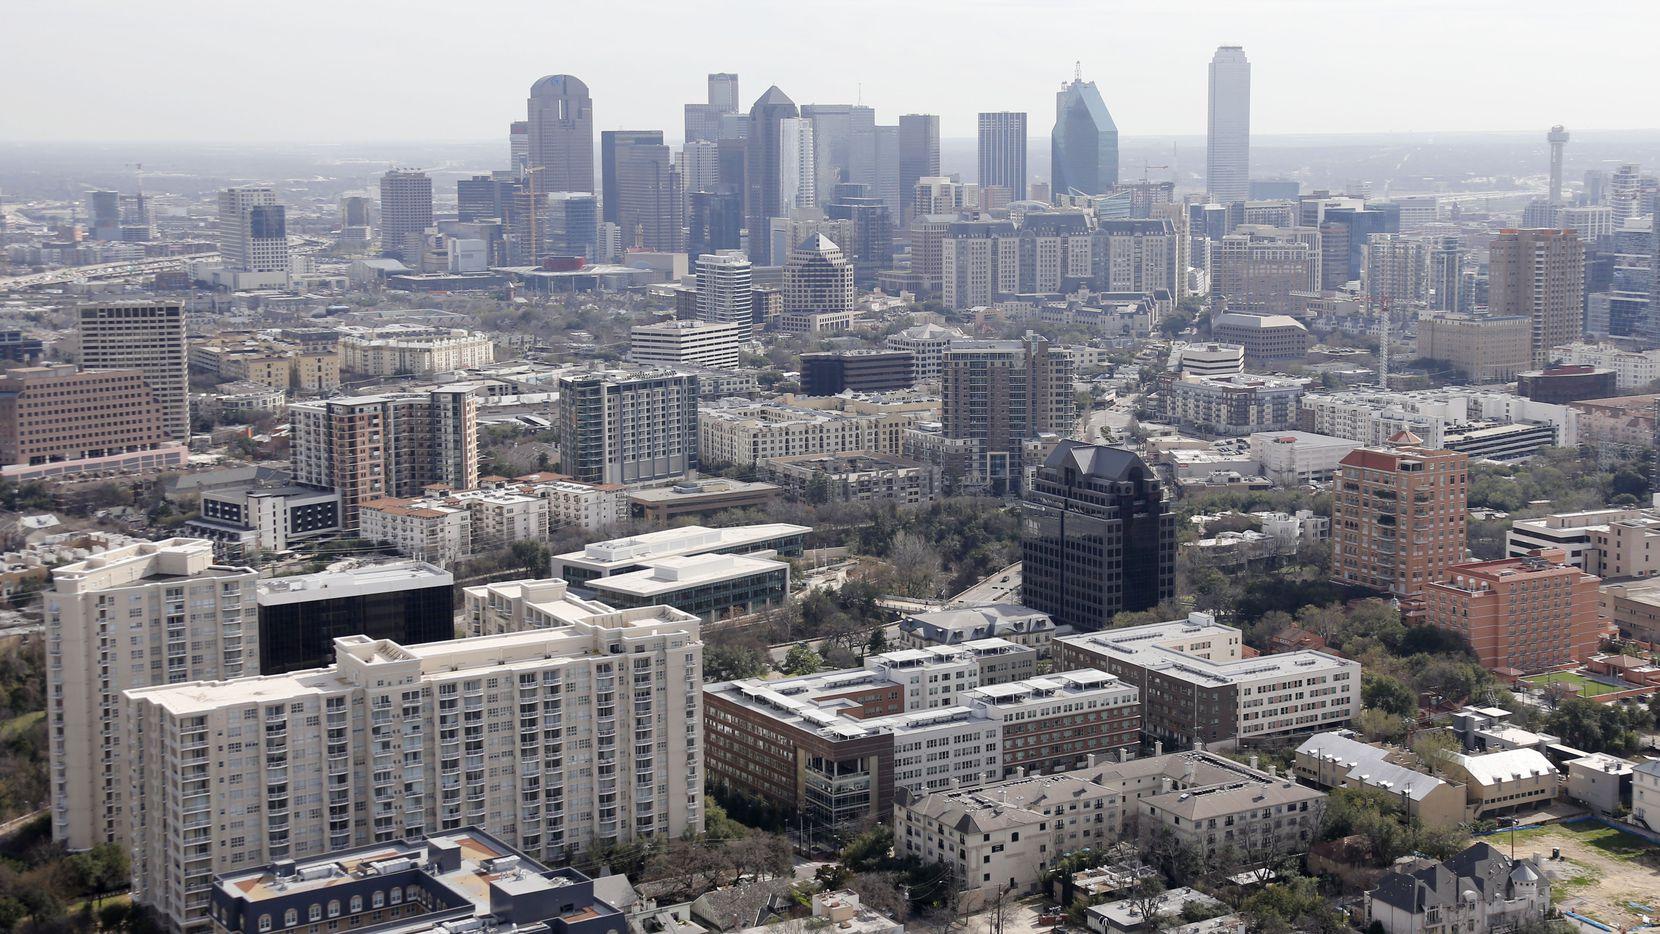 Aunque existe una moratoria para pagar arriendos en los condados de Dallas y Tarrant, esta sería insuficiente, dice un concejal.